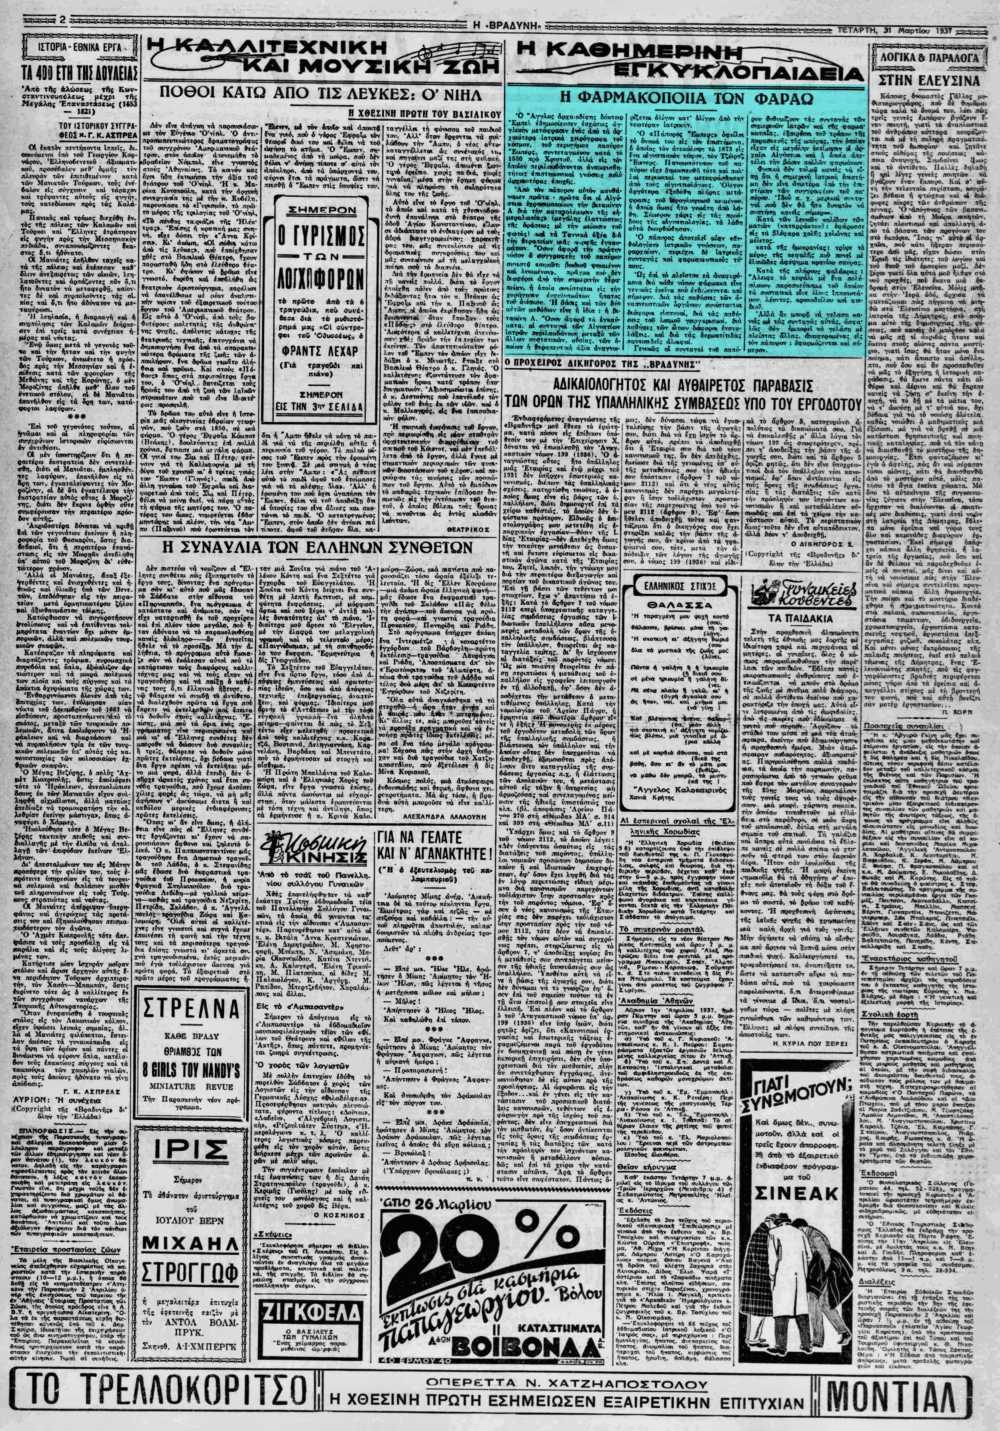 """Το άρθρο, όπως δημοσιεύθηκε στην εφημερίδα """"Η ΒΡΑΔΥΝΗ"""", στις 31/03/1937"""